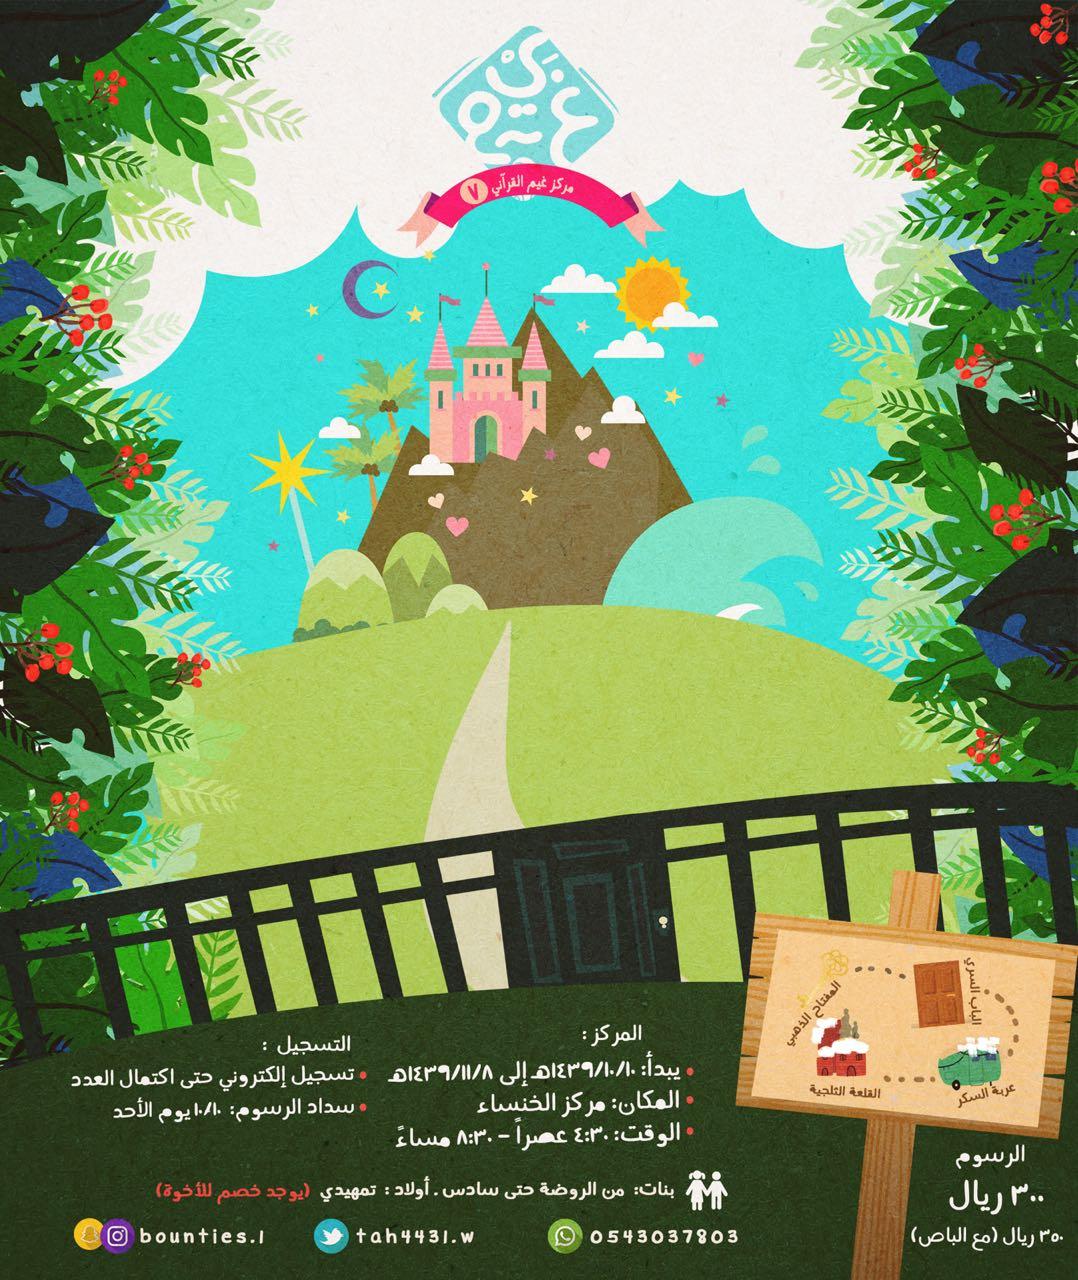 مركز غيم القرآني (7) يرحب بكم من جديد إبتداءً من تاريخ 1439/10/10هـ وحتى تاريخ 1439/11/08 في دار الخنساء